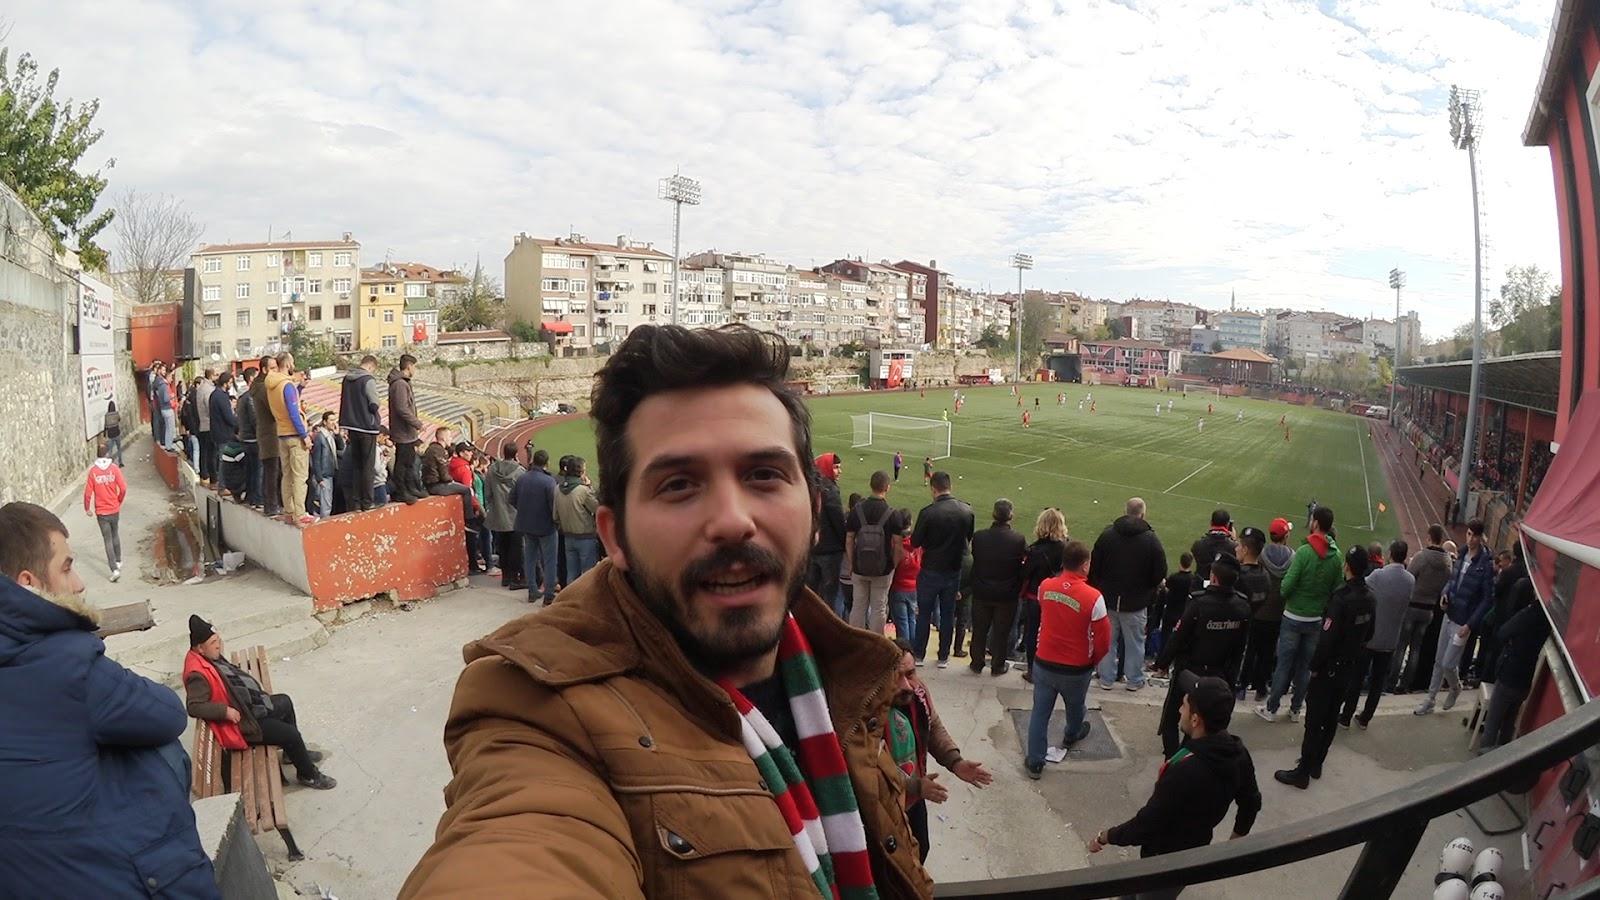 Mezunumuz Murat Şeker'in YouTube kanalı The Brand Age sayfalarında